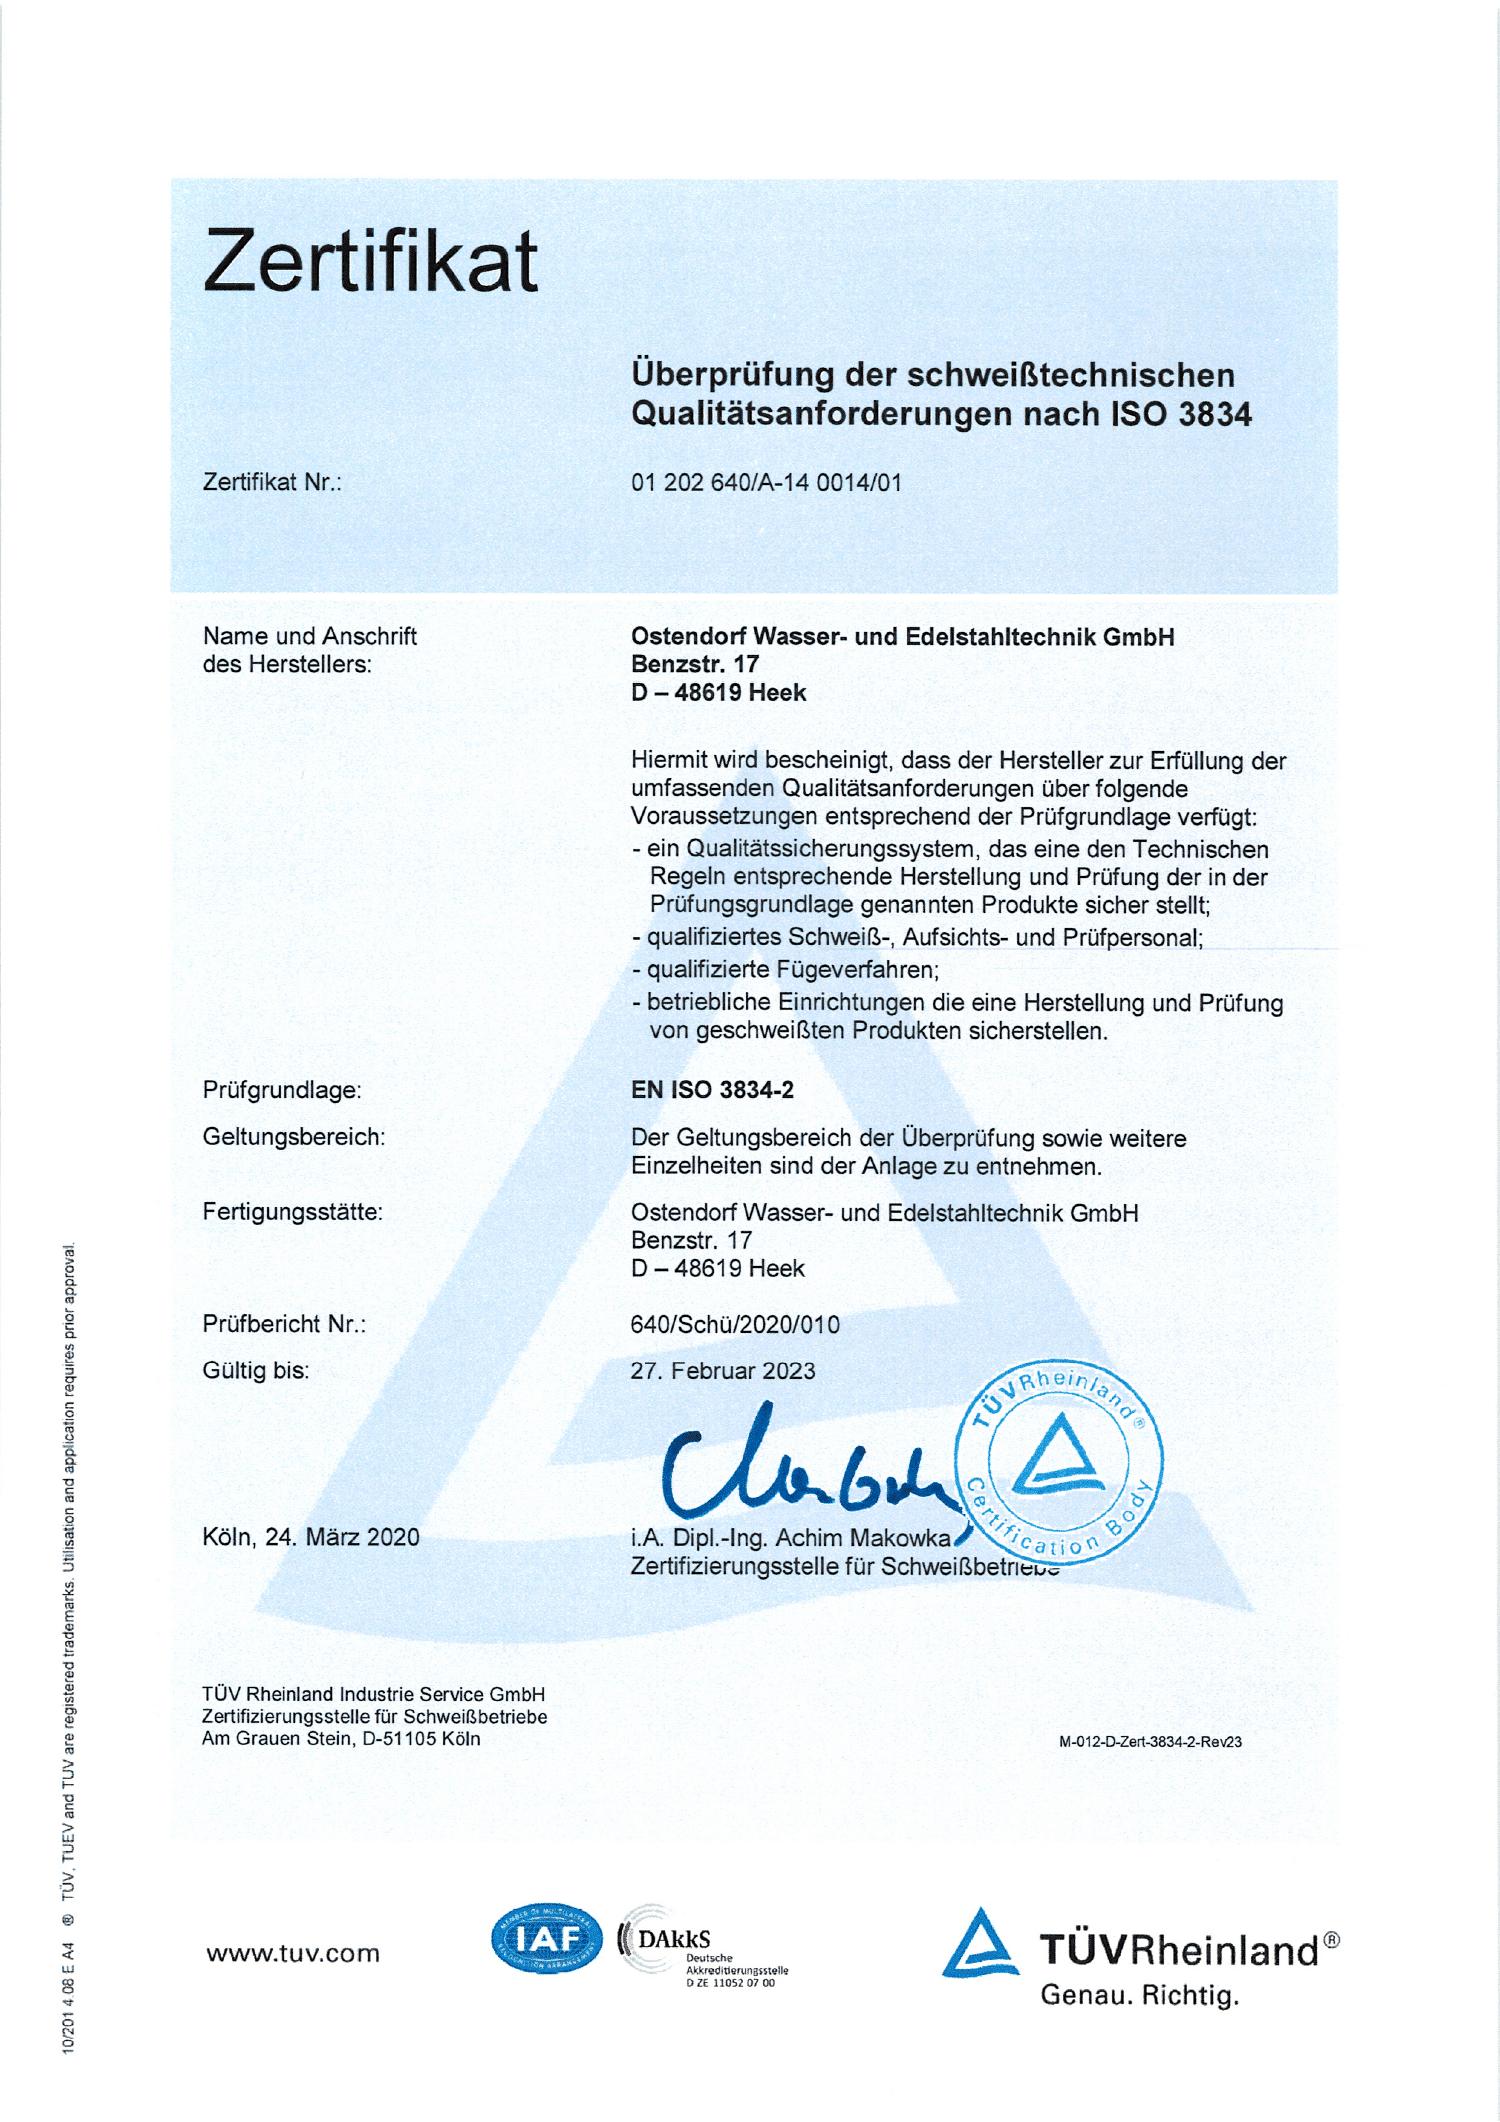 Überprüfung der schweißtechnischen Qualitätsanforderungen nach ISO 3834